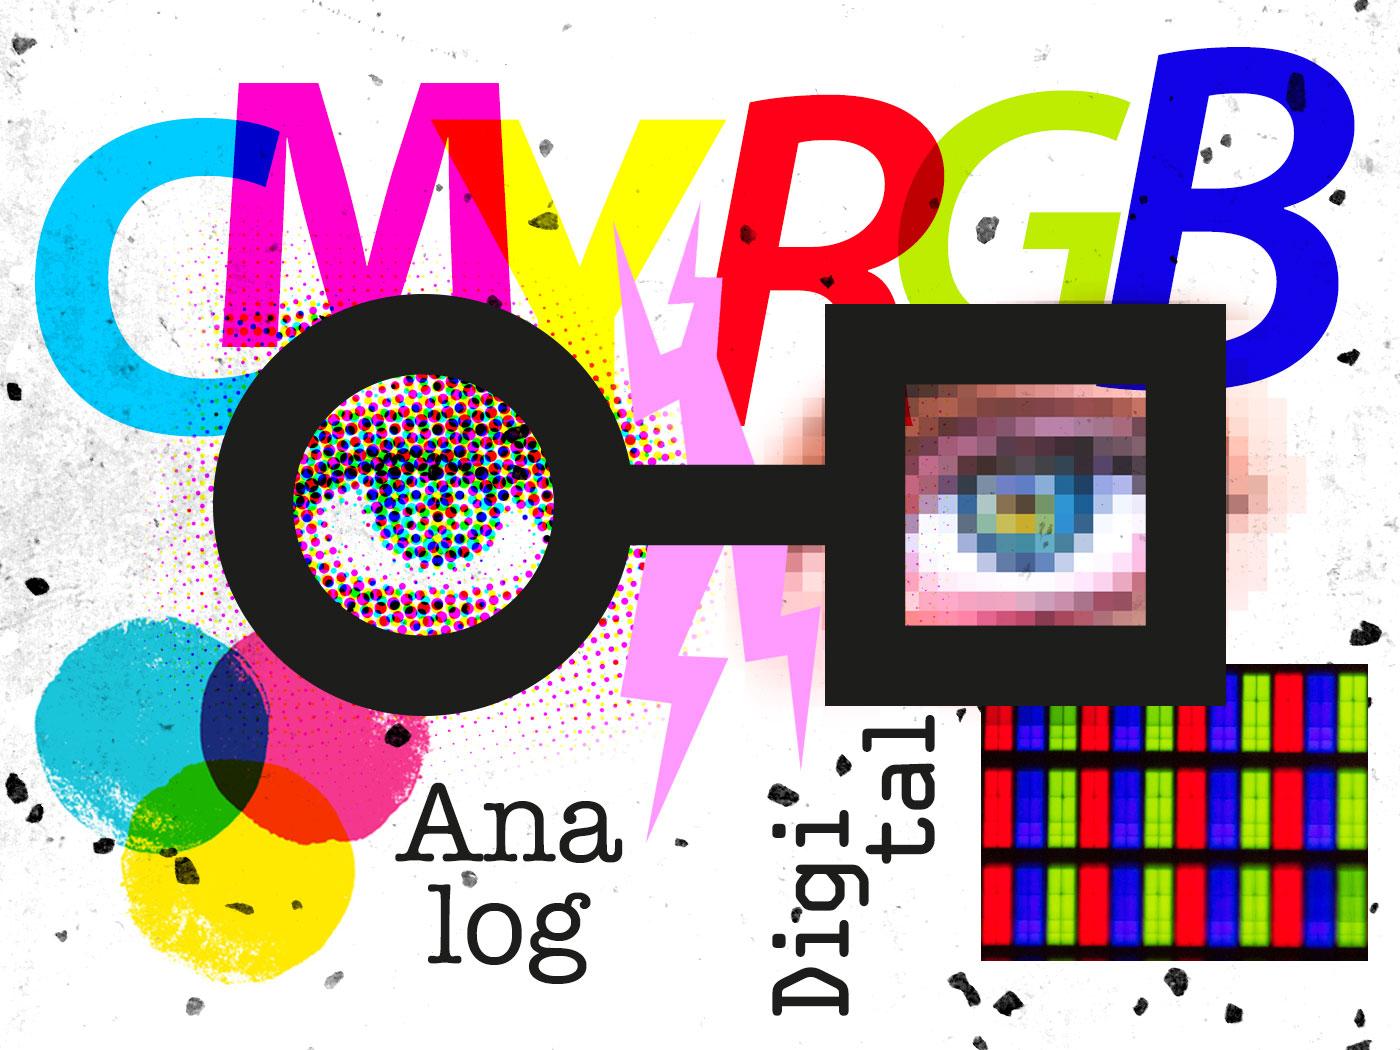 Auf dem Bild ist das neue Logo des BKGD der Gewerblichen Schule Lahr zu sehen. Das Bild zeigt eine Collage, dass sich mit den Themen Druck und Digital bzw. mit dem Unterschied zwischen CMYK und RGB beschäftigt. Teile der Collage wurden aus Bildern von Luca Iaconelli, Michael Maasen on Unsplash.com verwendet.